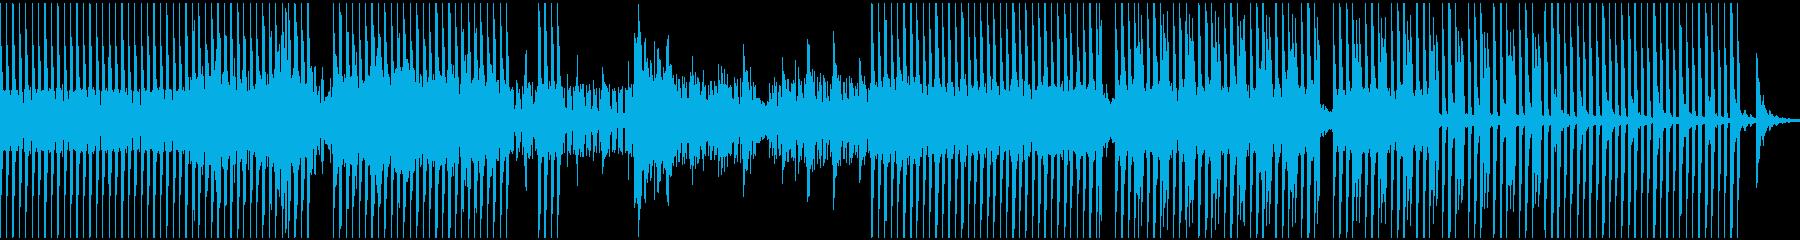 切なく悲しい(恐怖な)感じのテクノEDMの再生済みの波形